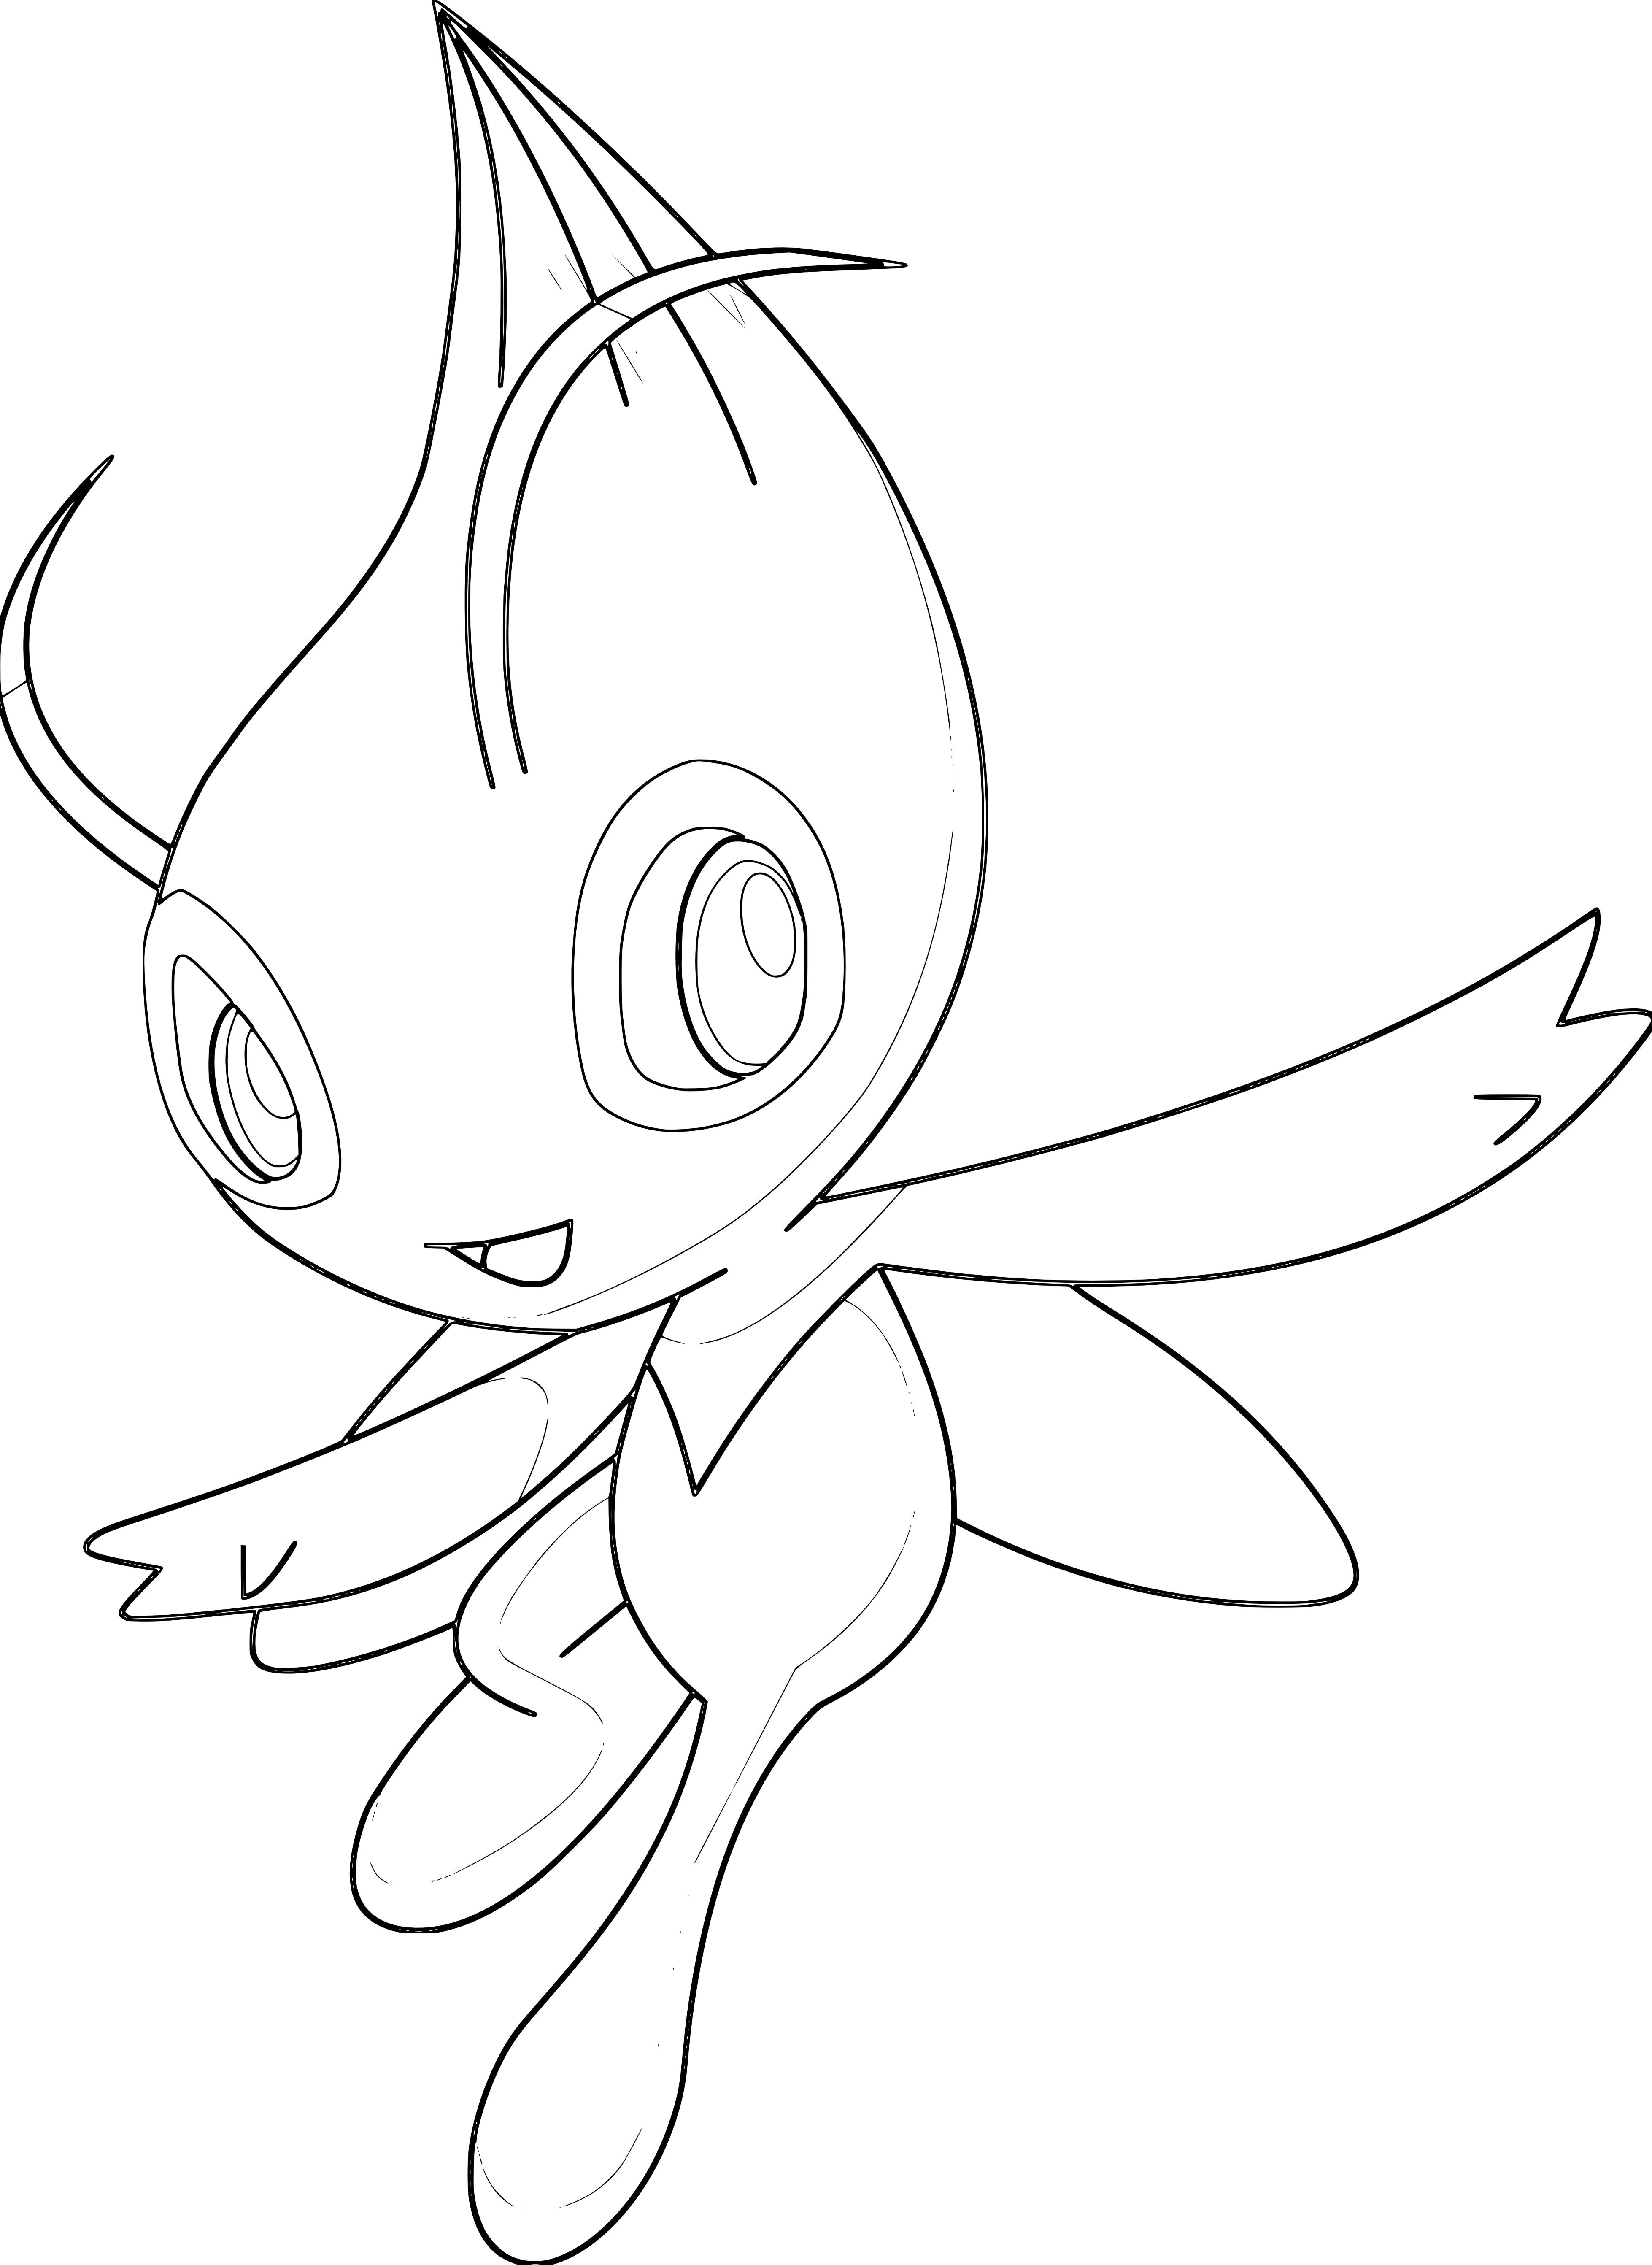 20 dessins de coloriage pokemon voltorbe imprimer - Des coloriage a imprimer ...